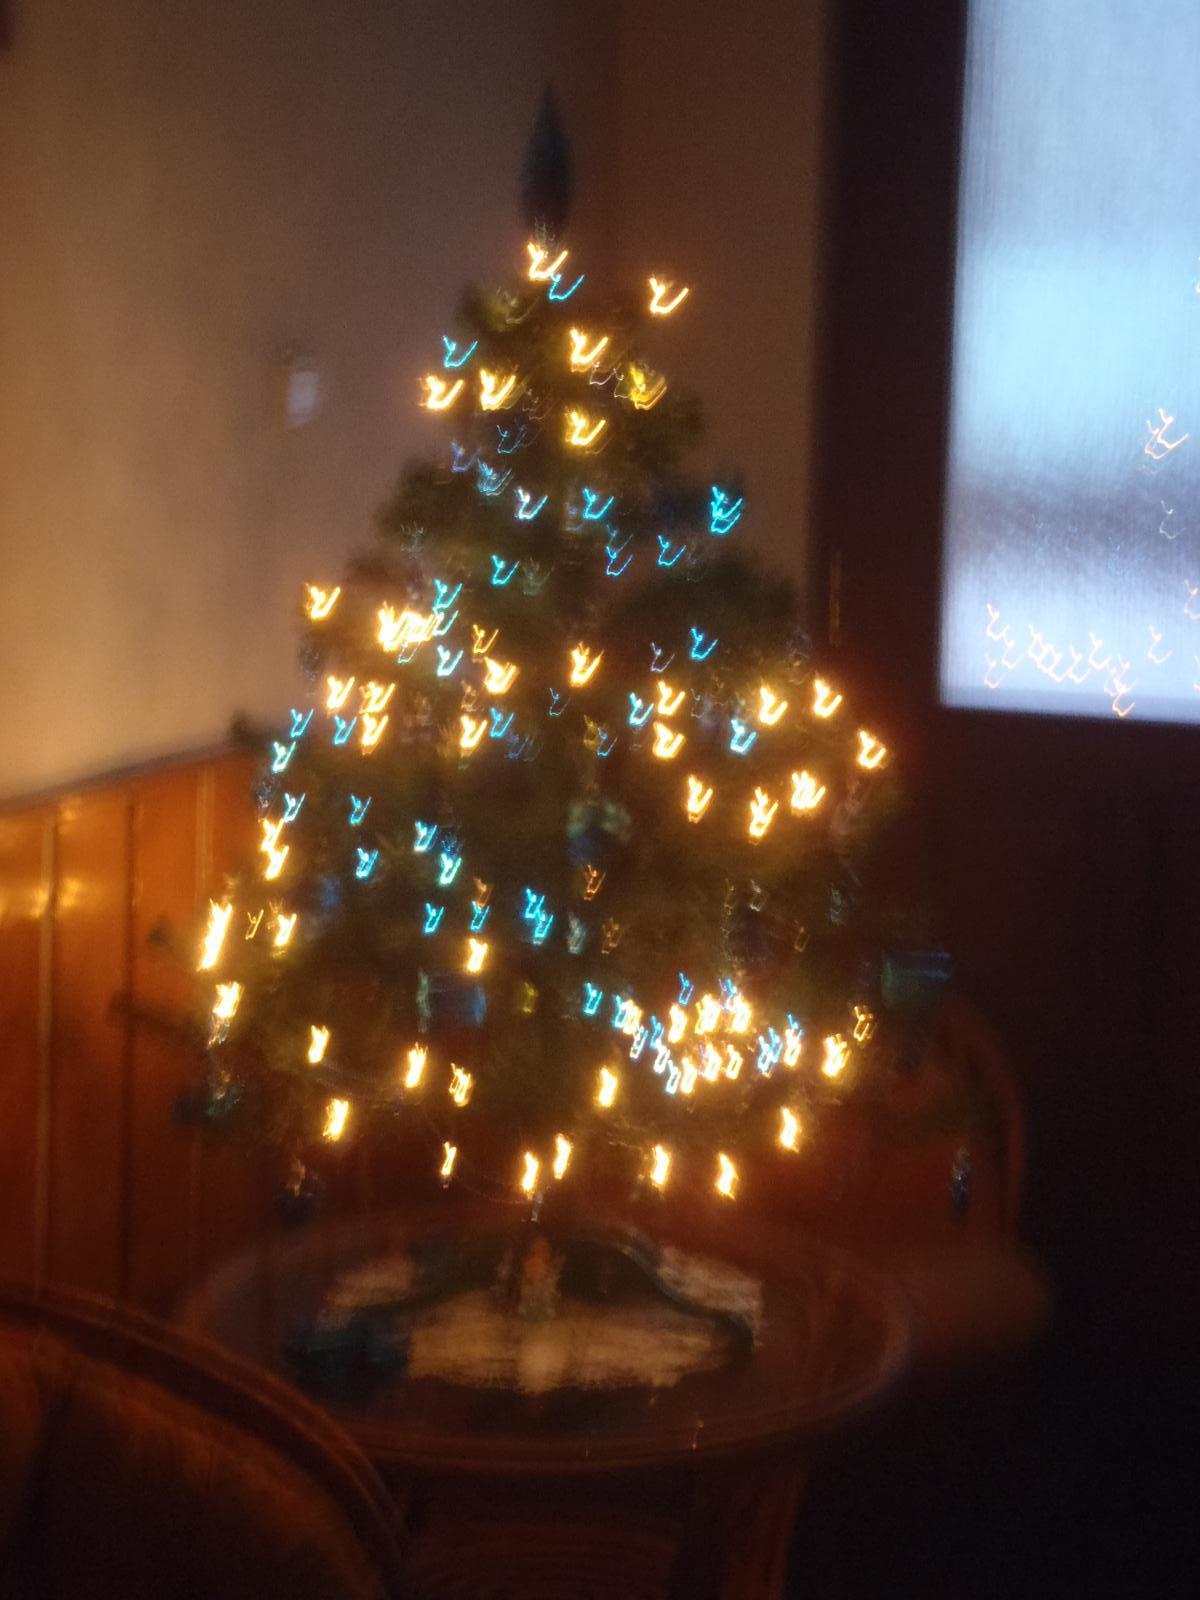 Vánoce 2012 - trošku rozostřený stromeček ...:-)